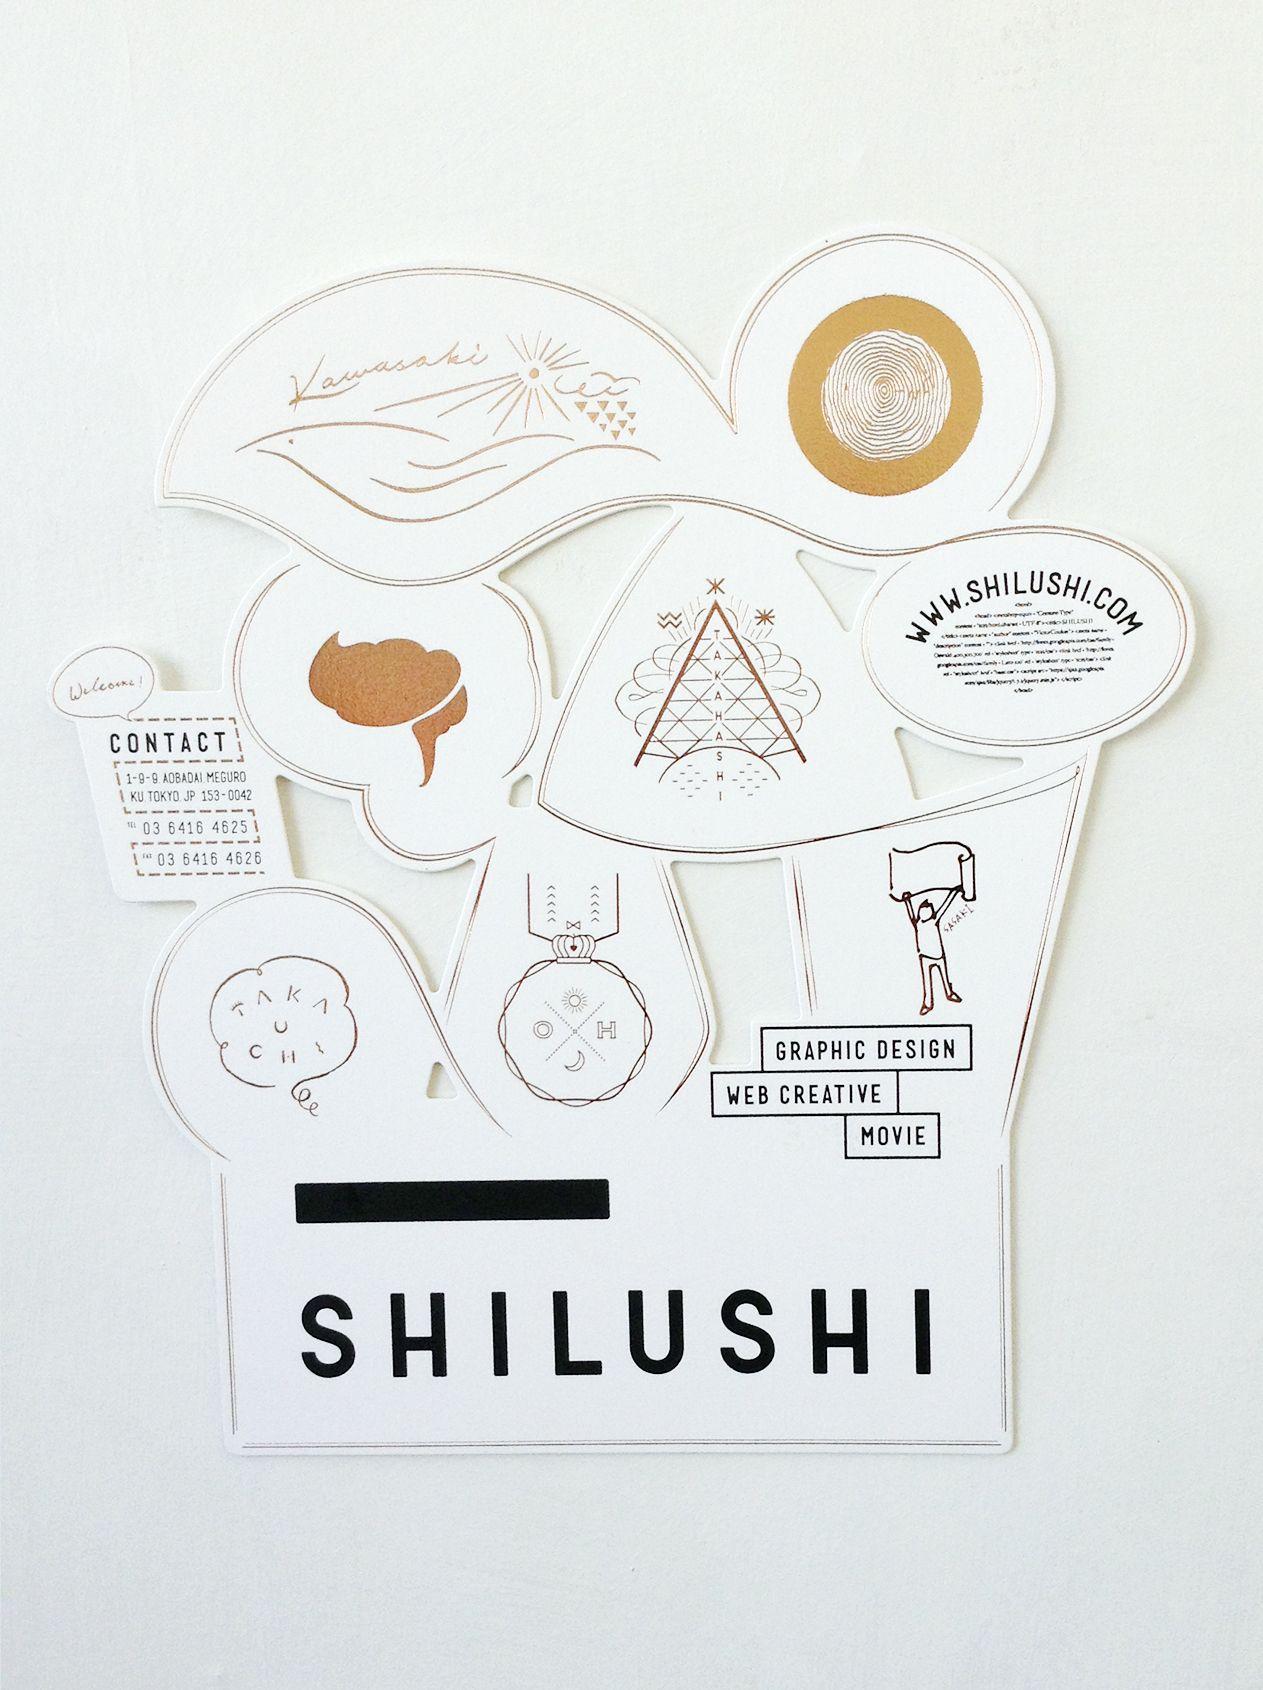 2015年新春、クリエイターのこんな年賀状、あんな年賀状http://www.shilushi.com 株式会社しるし(デザインオフィス)